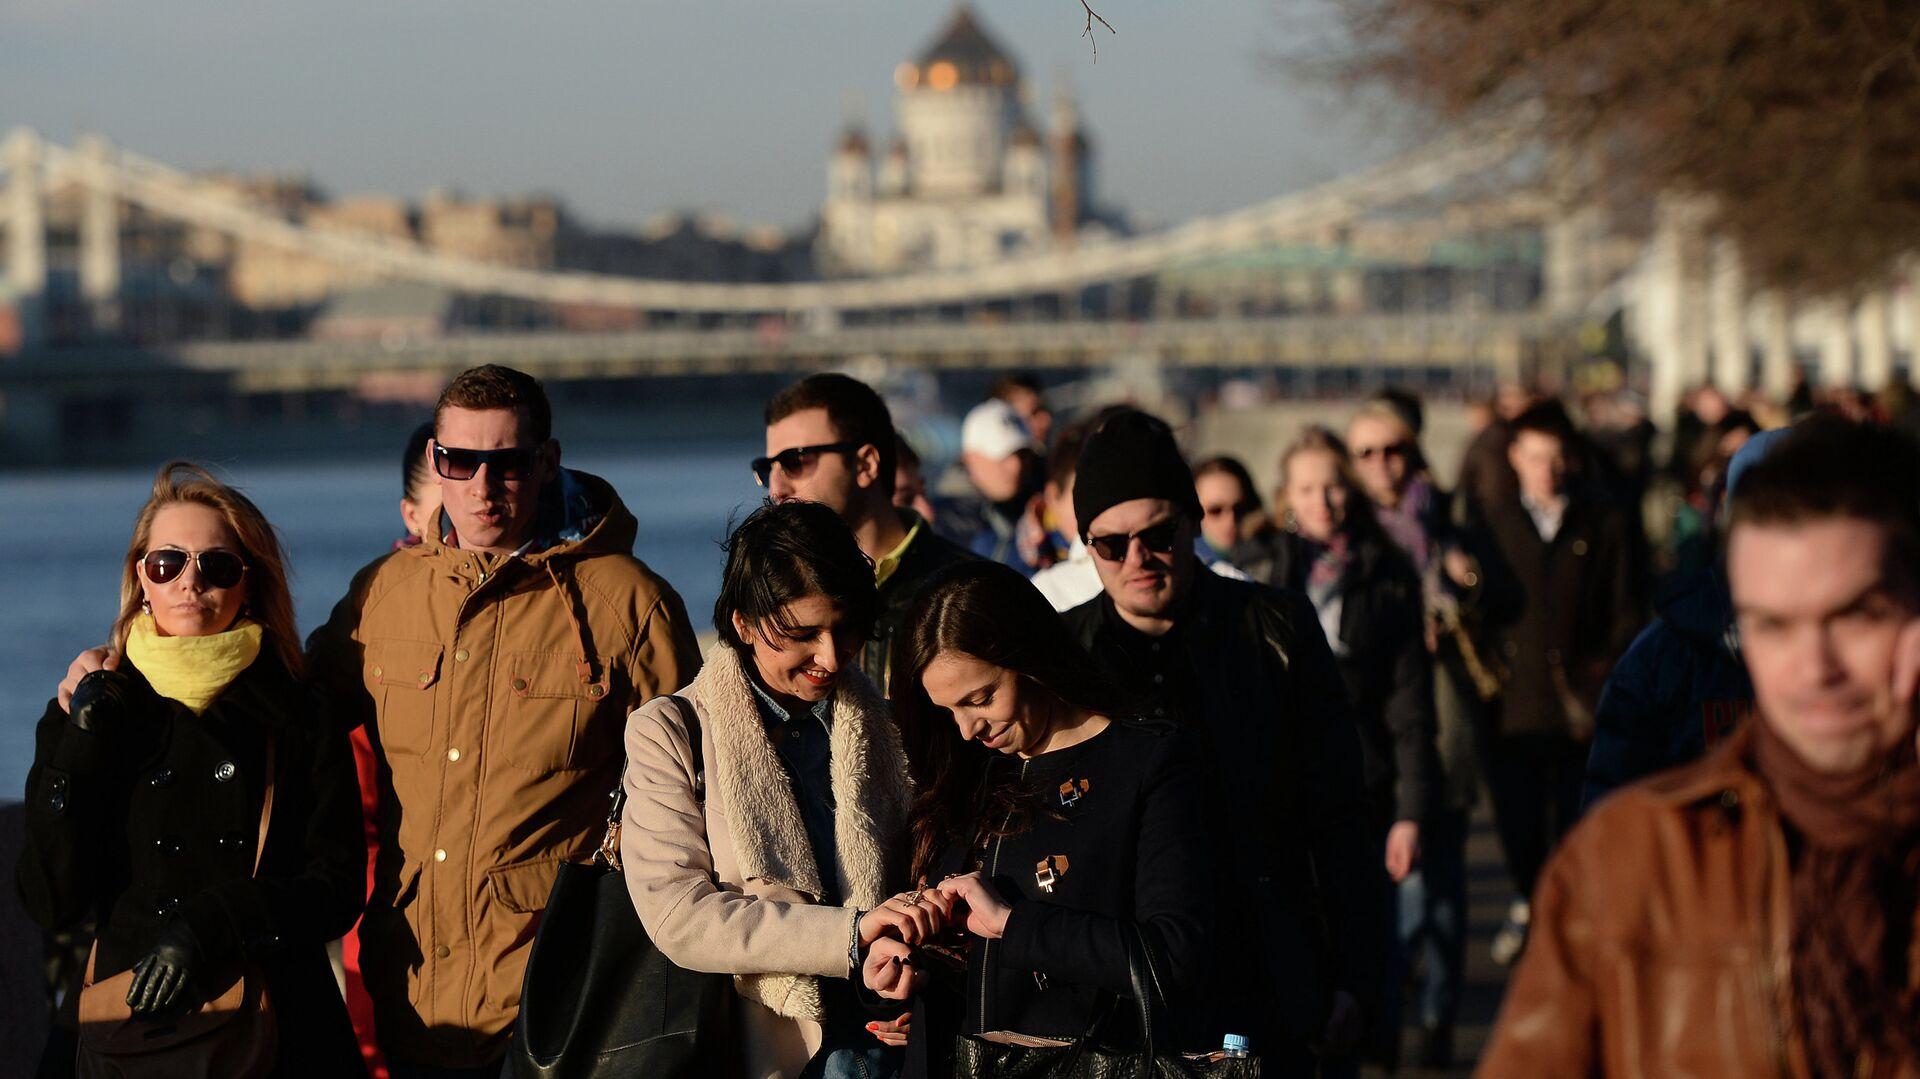 Жители столицы во время прогулки по городу - РИА Новости, 1920, 08.02.2021